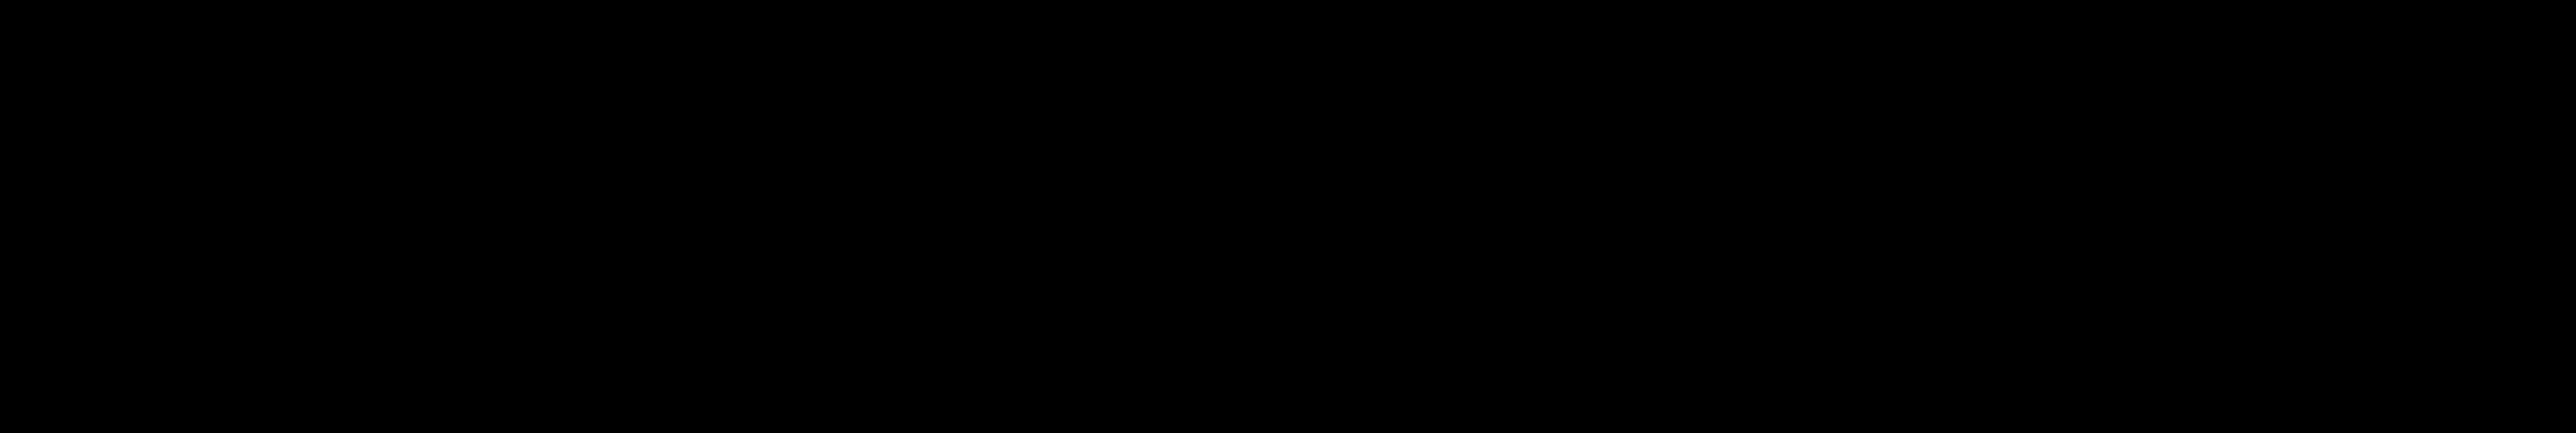 Frankfurter_Allgemeine_logo_wordmark